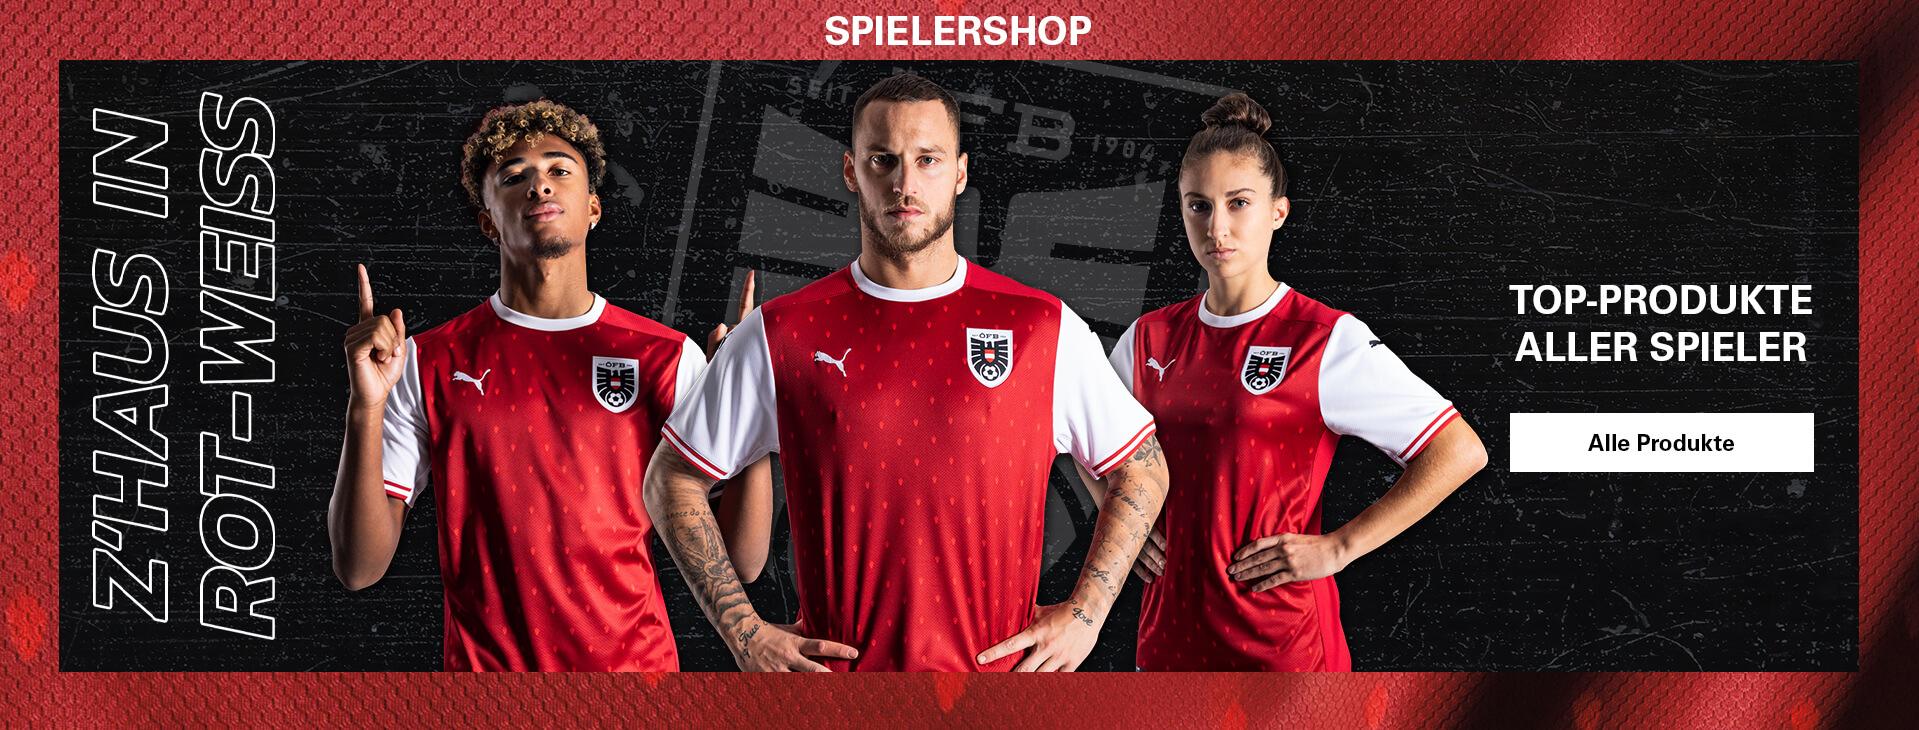 92d5038ccb5bb Im offiziellen Fanshop des Österreichischen Fußball-Bundes findest du alles  rund um das Österreichische Fußball Nationalteam. Von der offiziellen  Match- und ...